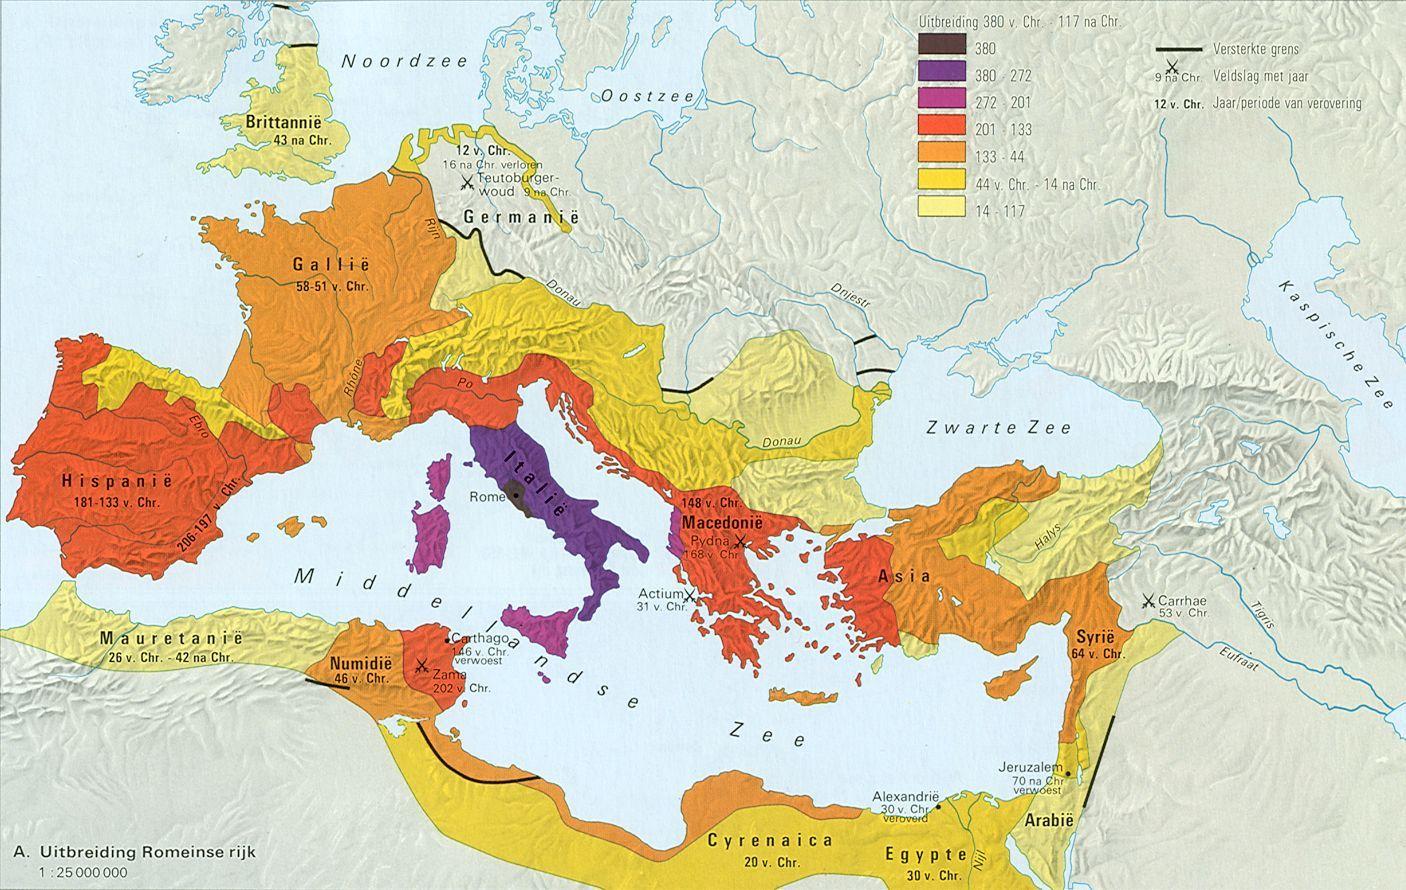 Wonderbaar romeinse rijk kaart - Google zoeken | Romeinen, Geschiedenis, Kaarten EY-73